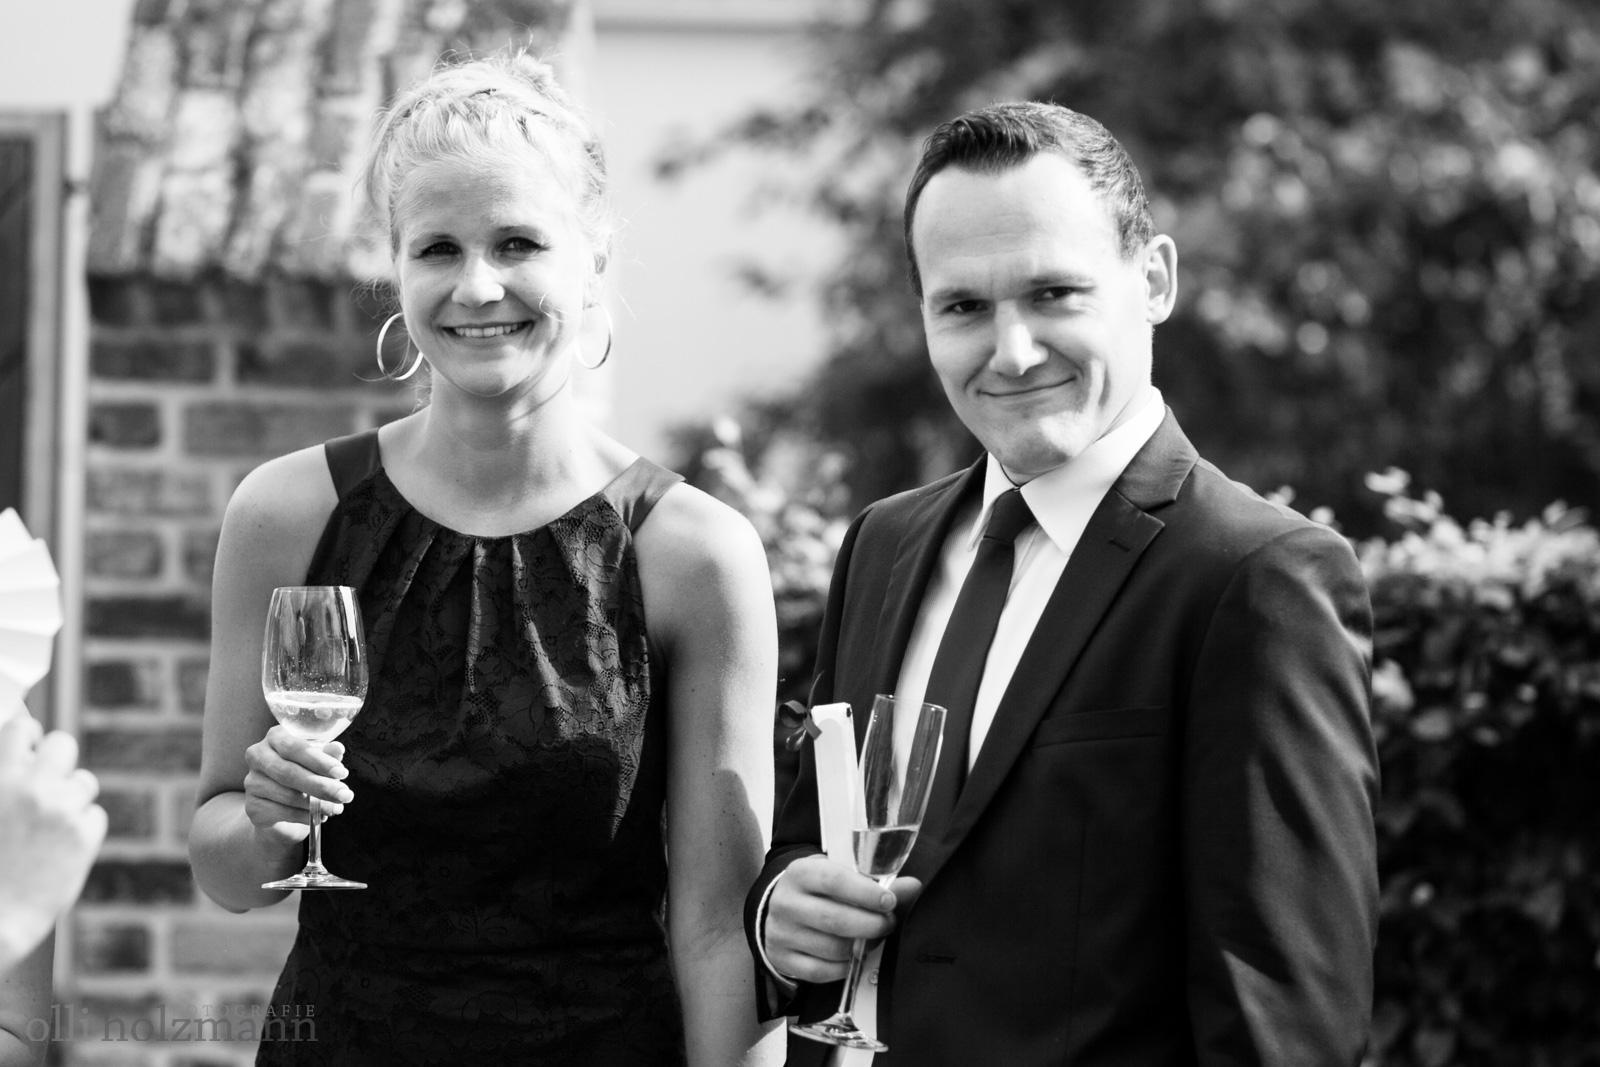 Hochzeitsfotograf_Sonsbeck-66.jpg